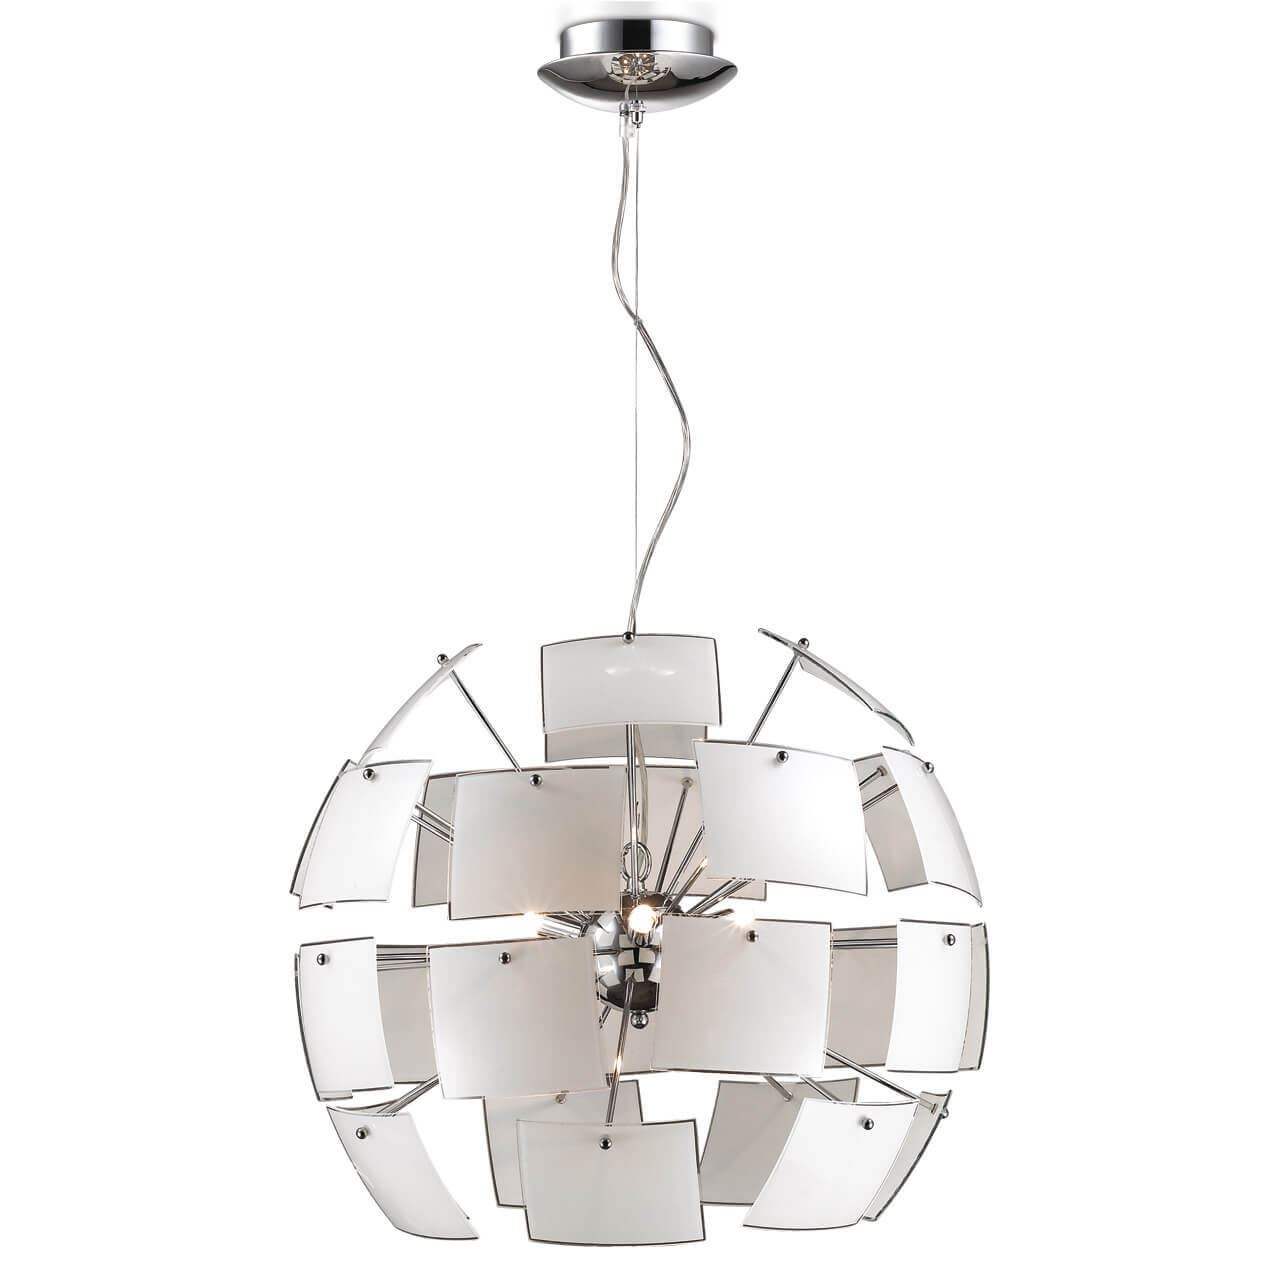 Подвесная люстра Odeon Light Vorm 2655/6 odeon light настольная лампа декоративная odeon light vorm 2655 2t